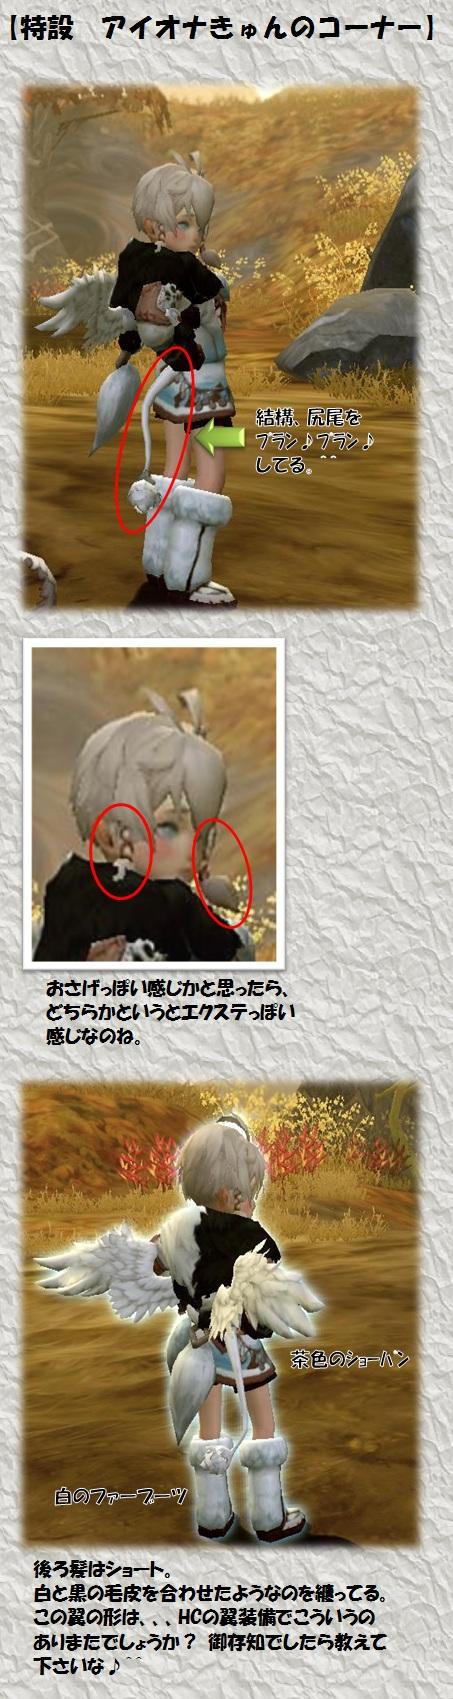 20140304_04.jpg